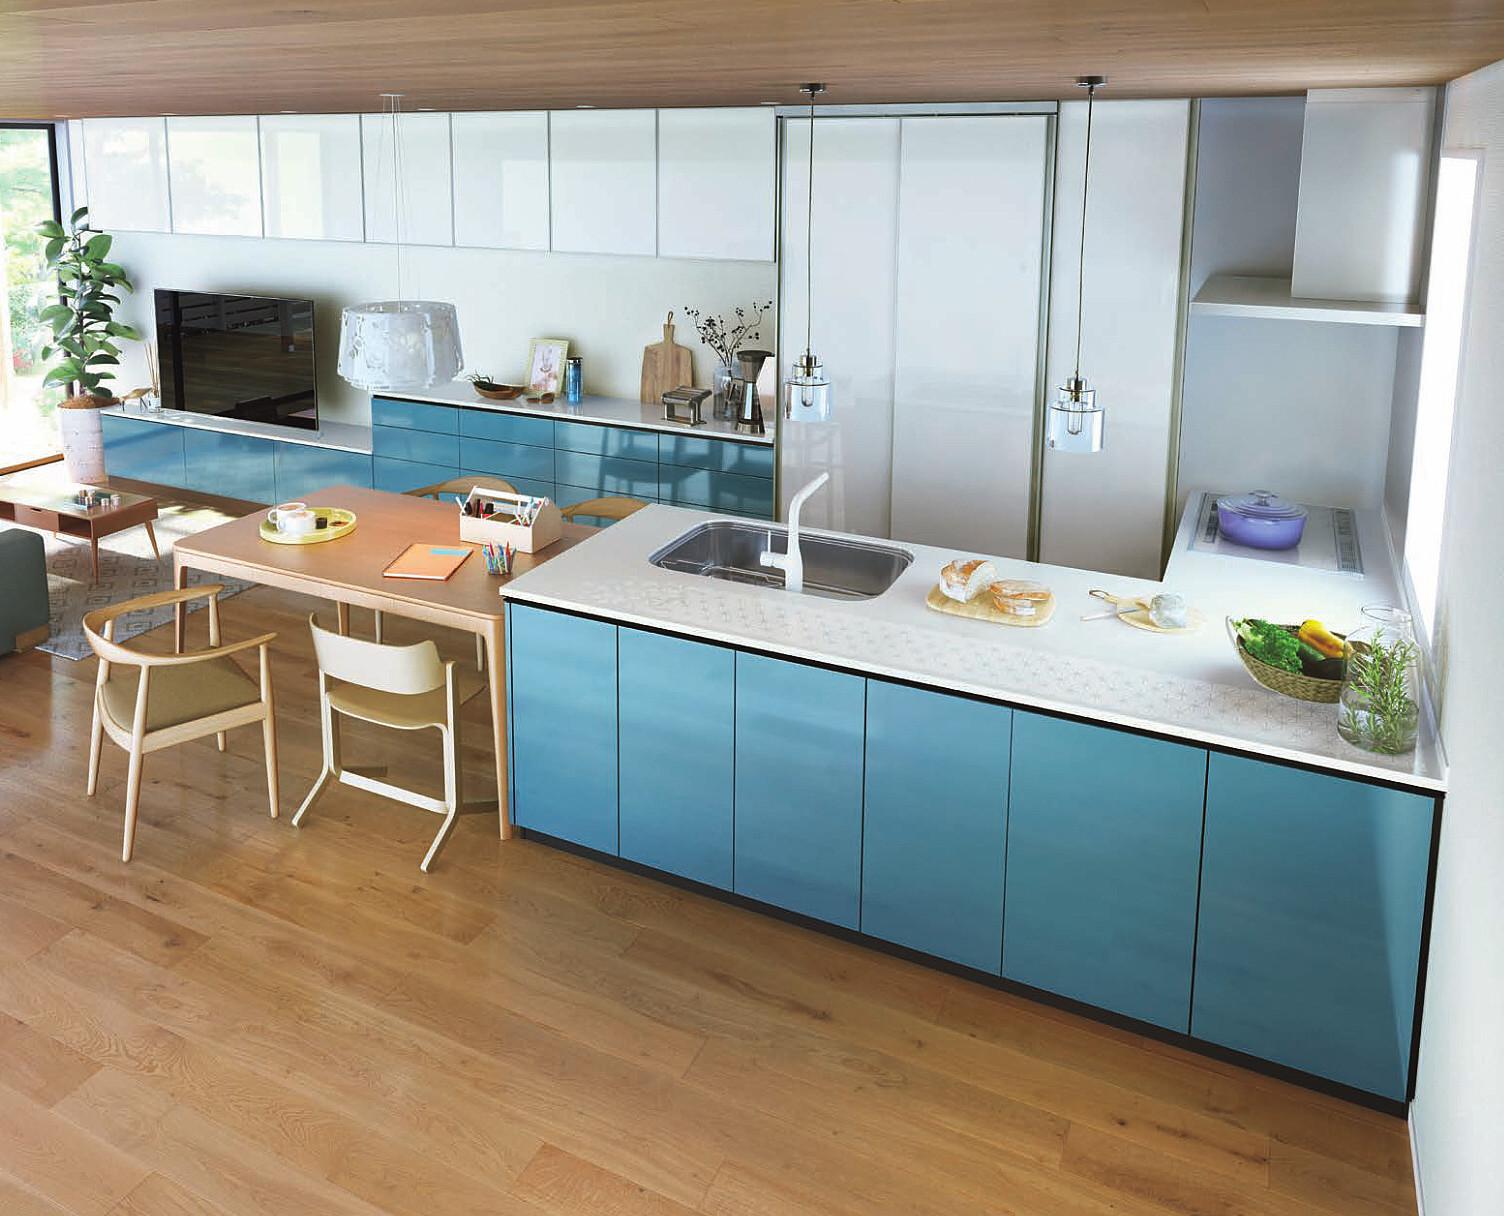 ブルー色のキッチン